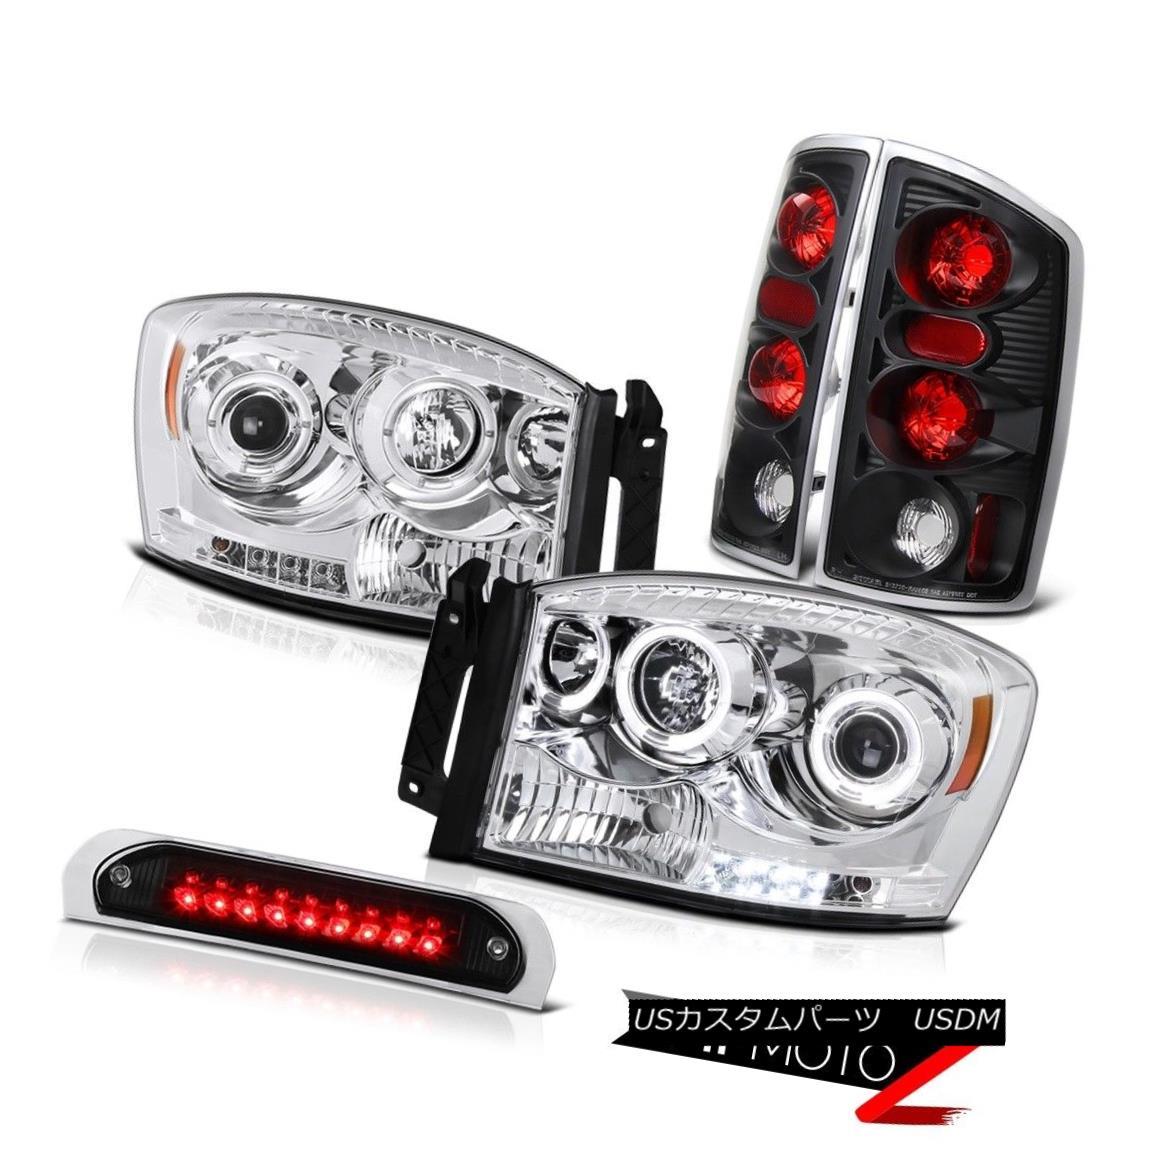 ヘッドライト Dual Halo Angel Eye Headlights Rear Black Tail Lamps Roof Stop LED 2006 Ram WS デュアルヘイローエンジェルアイヘッドライトリアテールランプルーフストップLED 2006 Ram WS